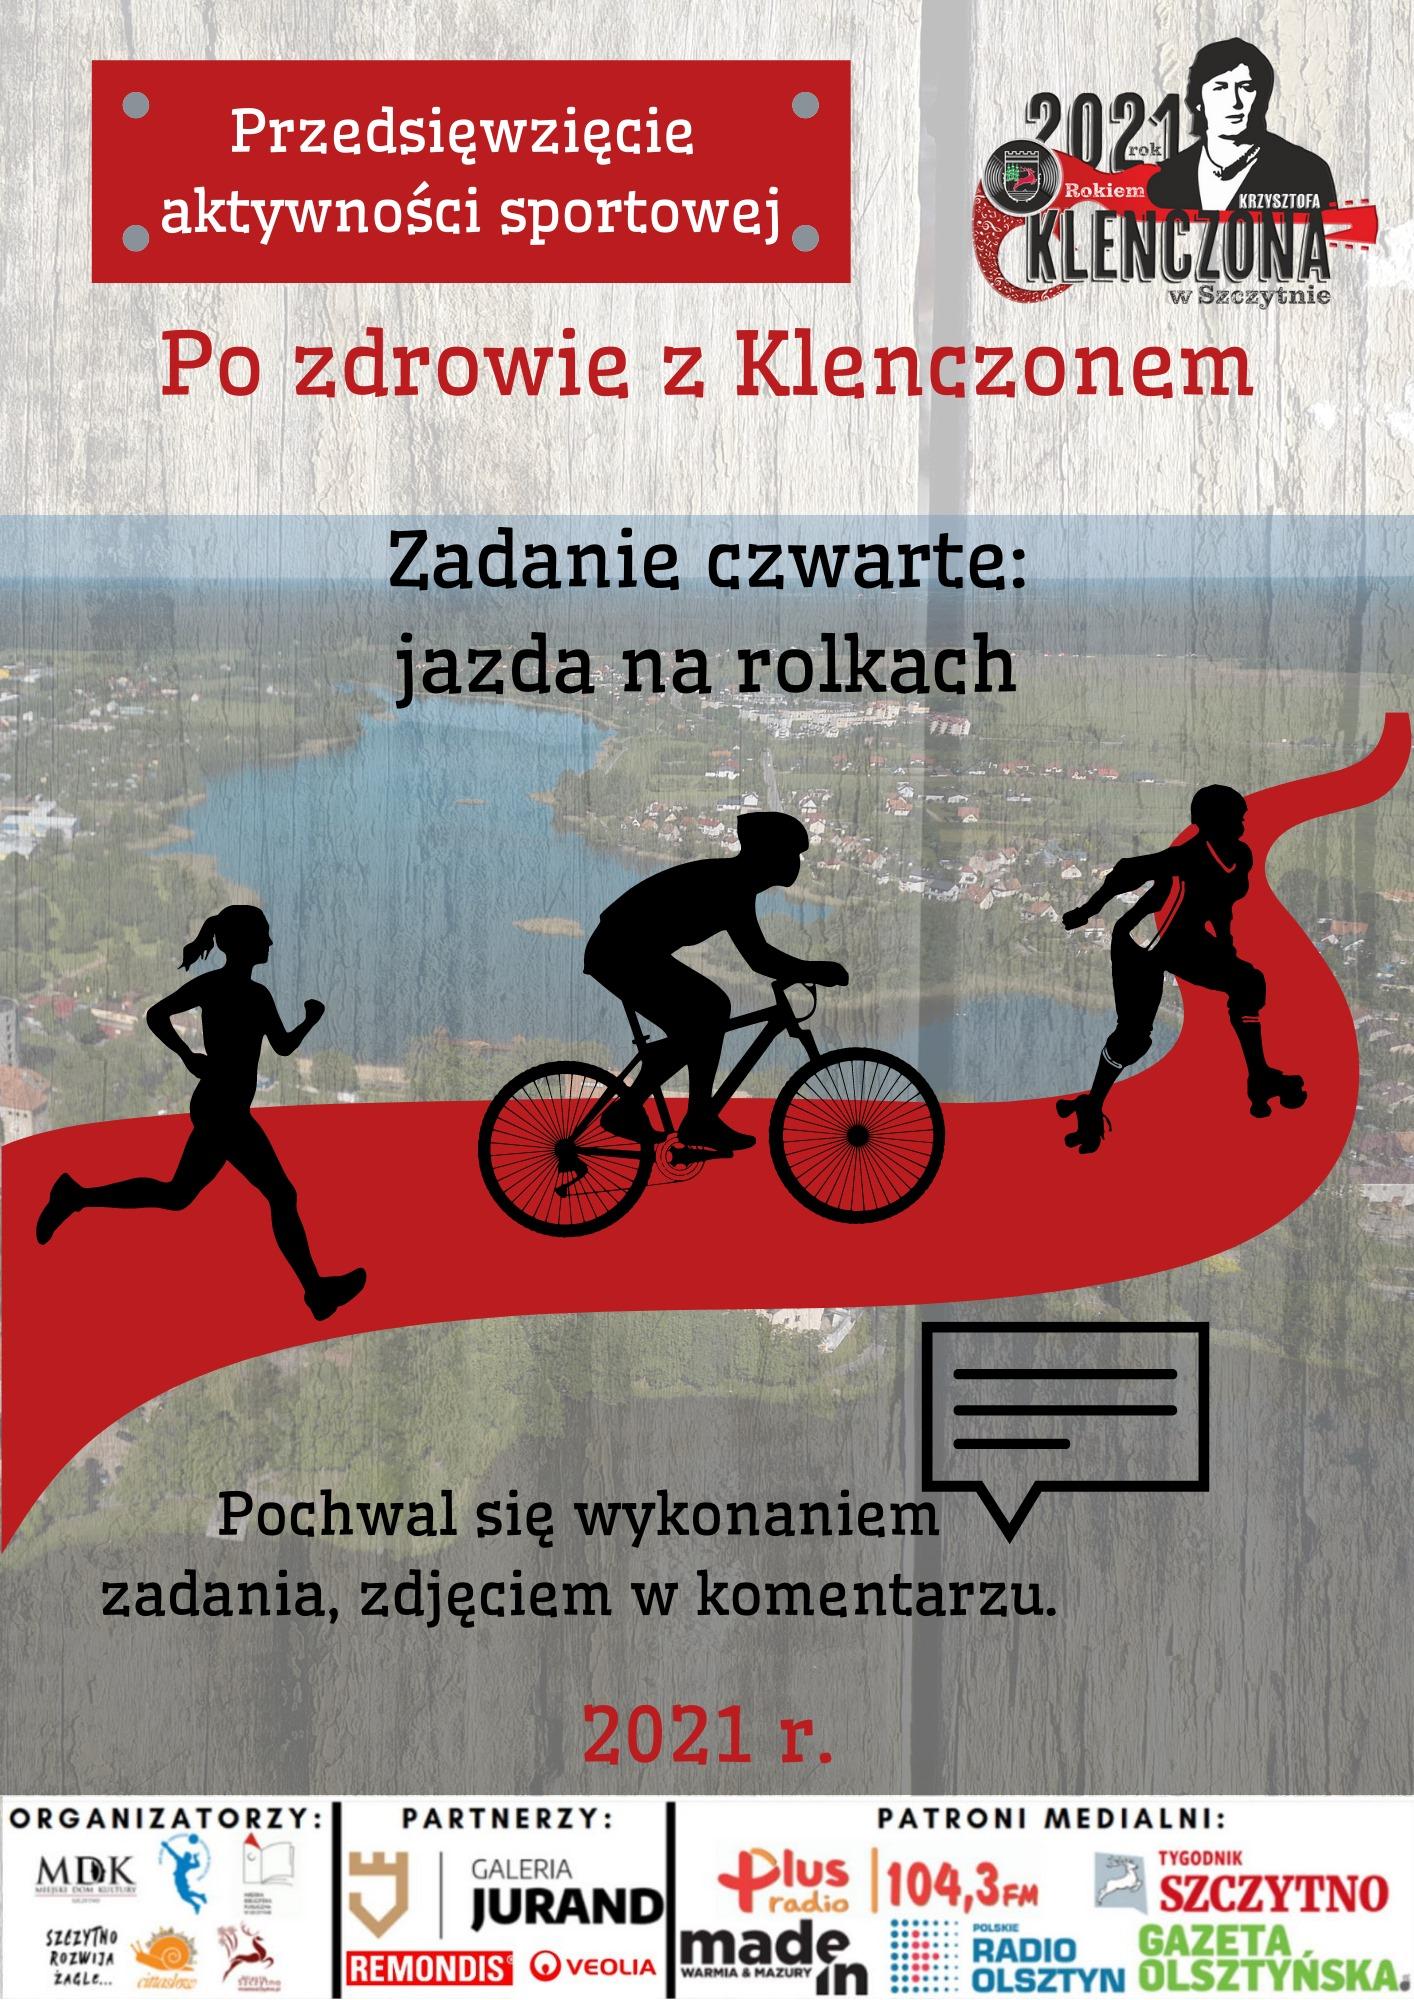 https://m.powiatszczycienski.pl/2021/06/orig/194486711-3833263806784046-6154671864711239327-n-41006.jpg